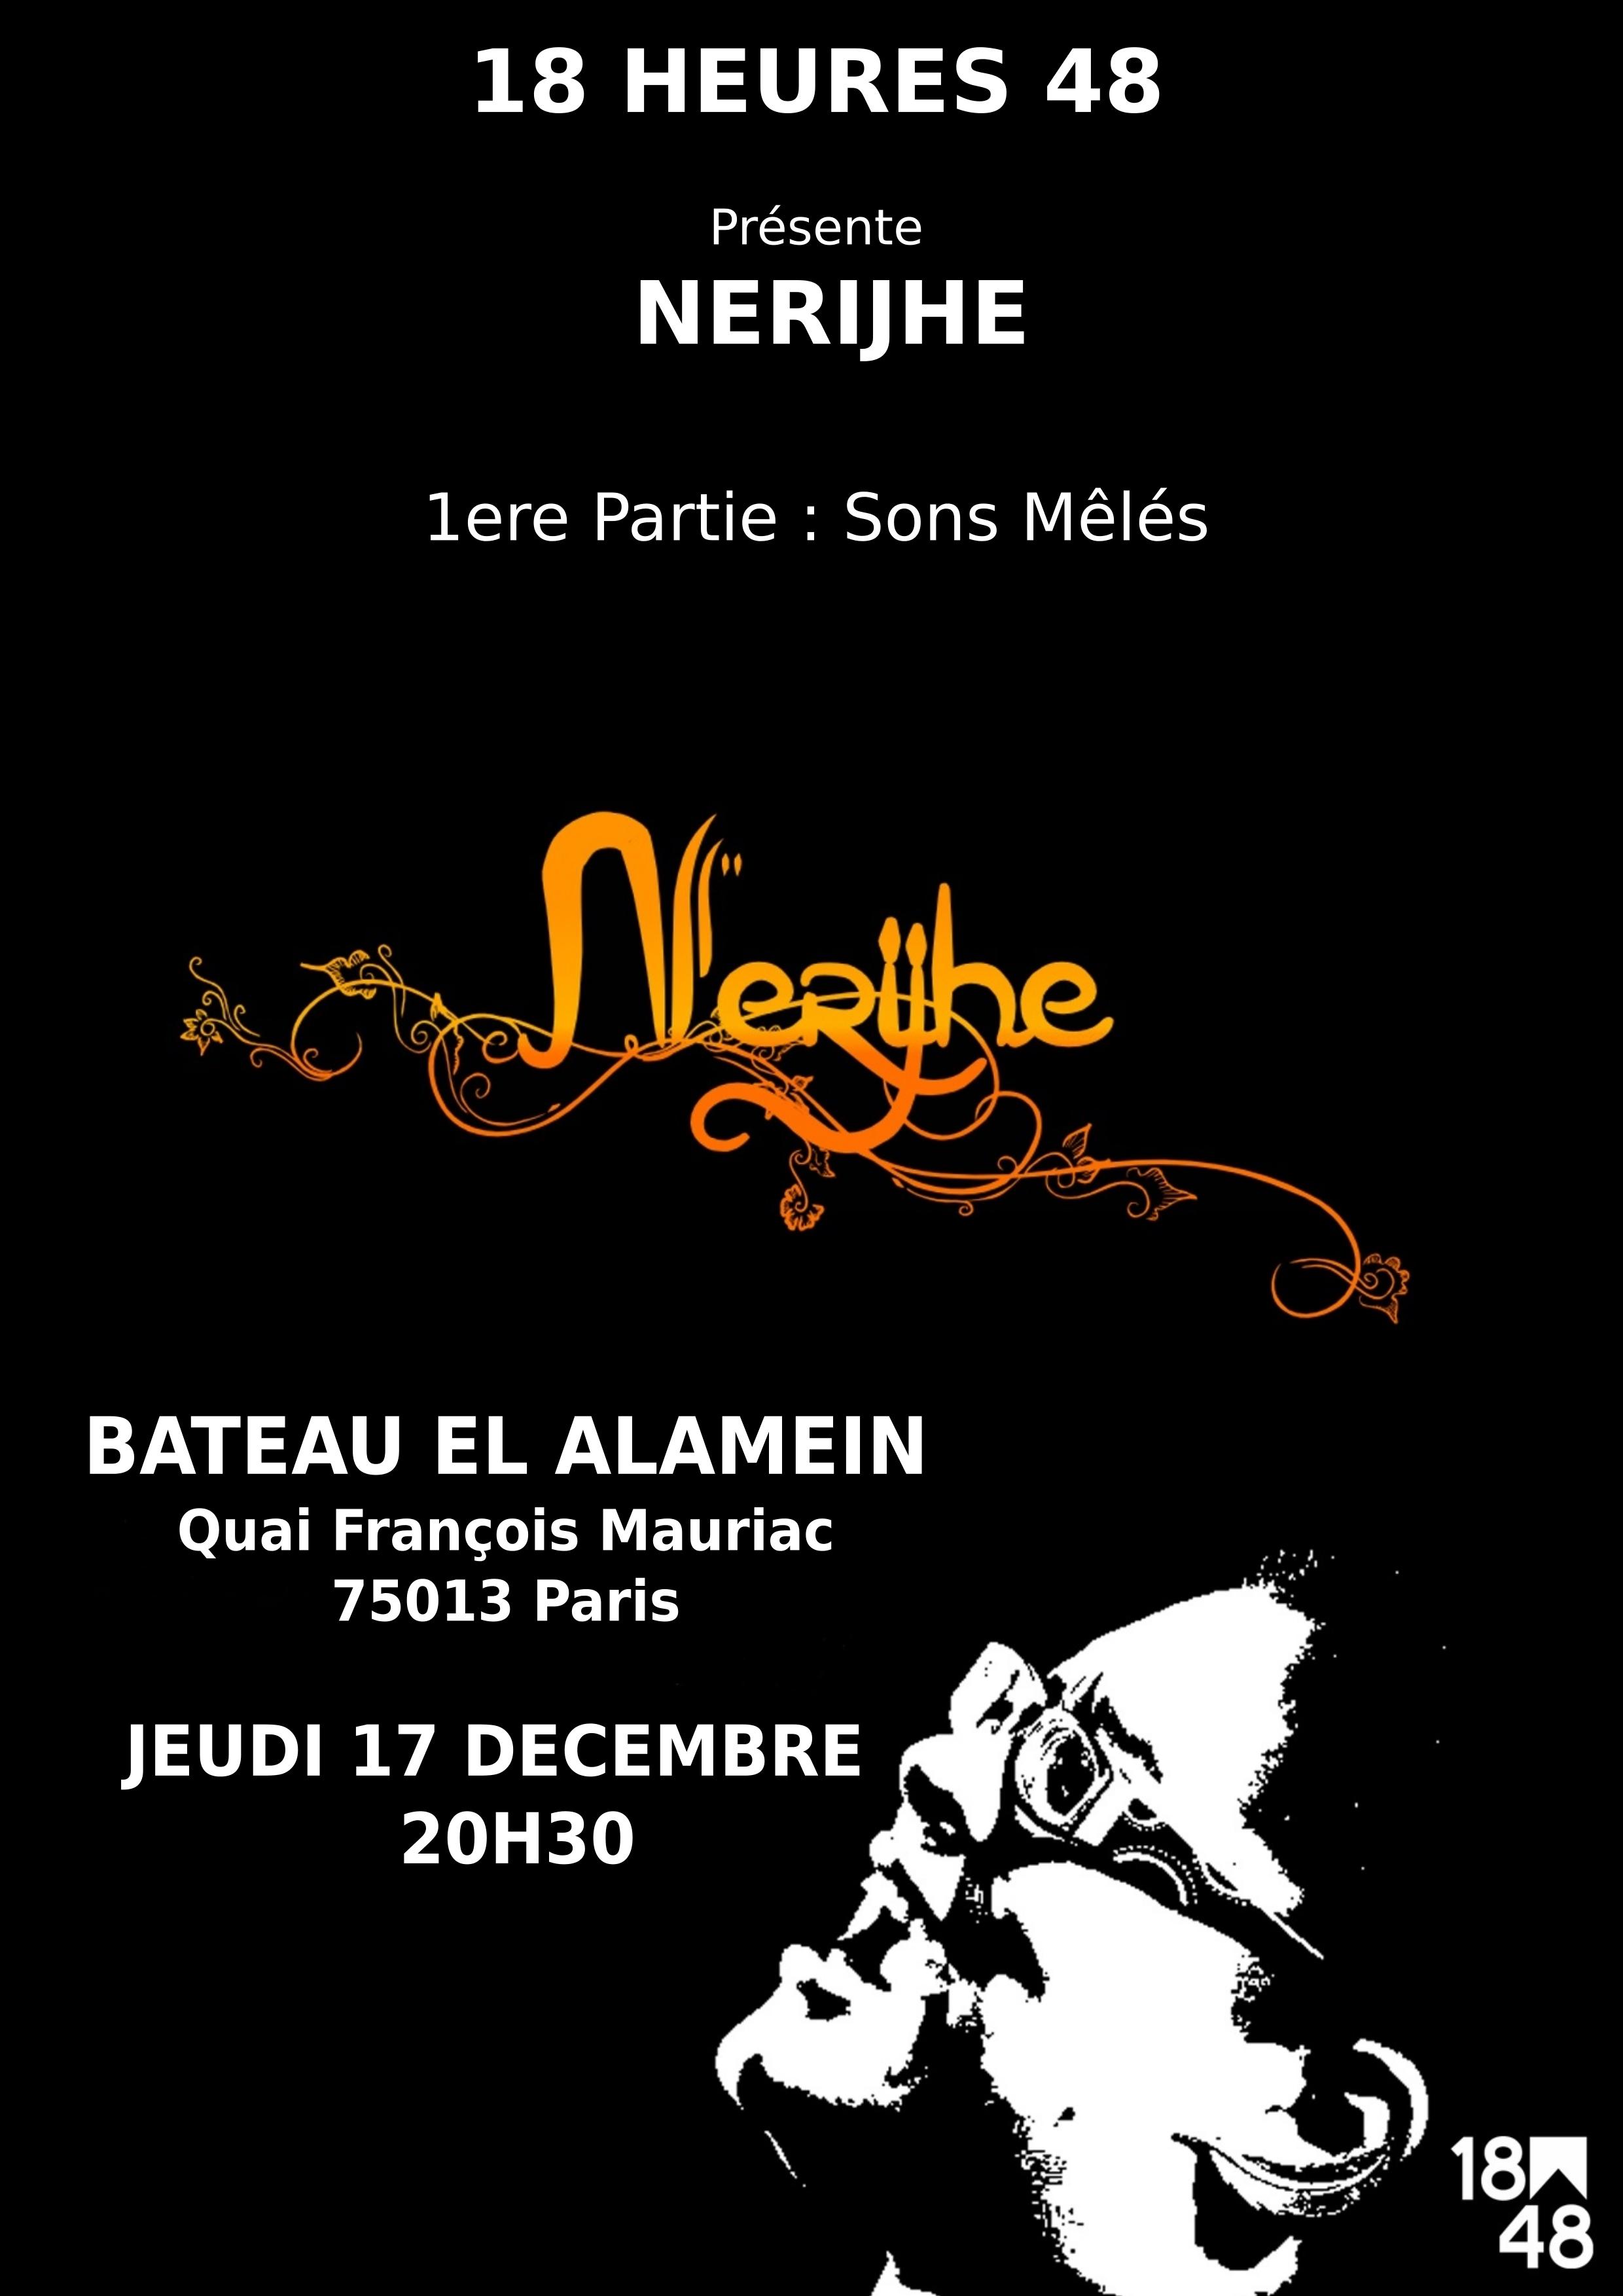 Nerijhe en concert au Bateau El Alamein le 17 décembre à 20h30